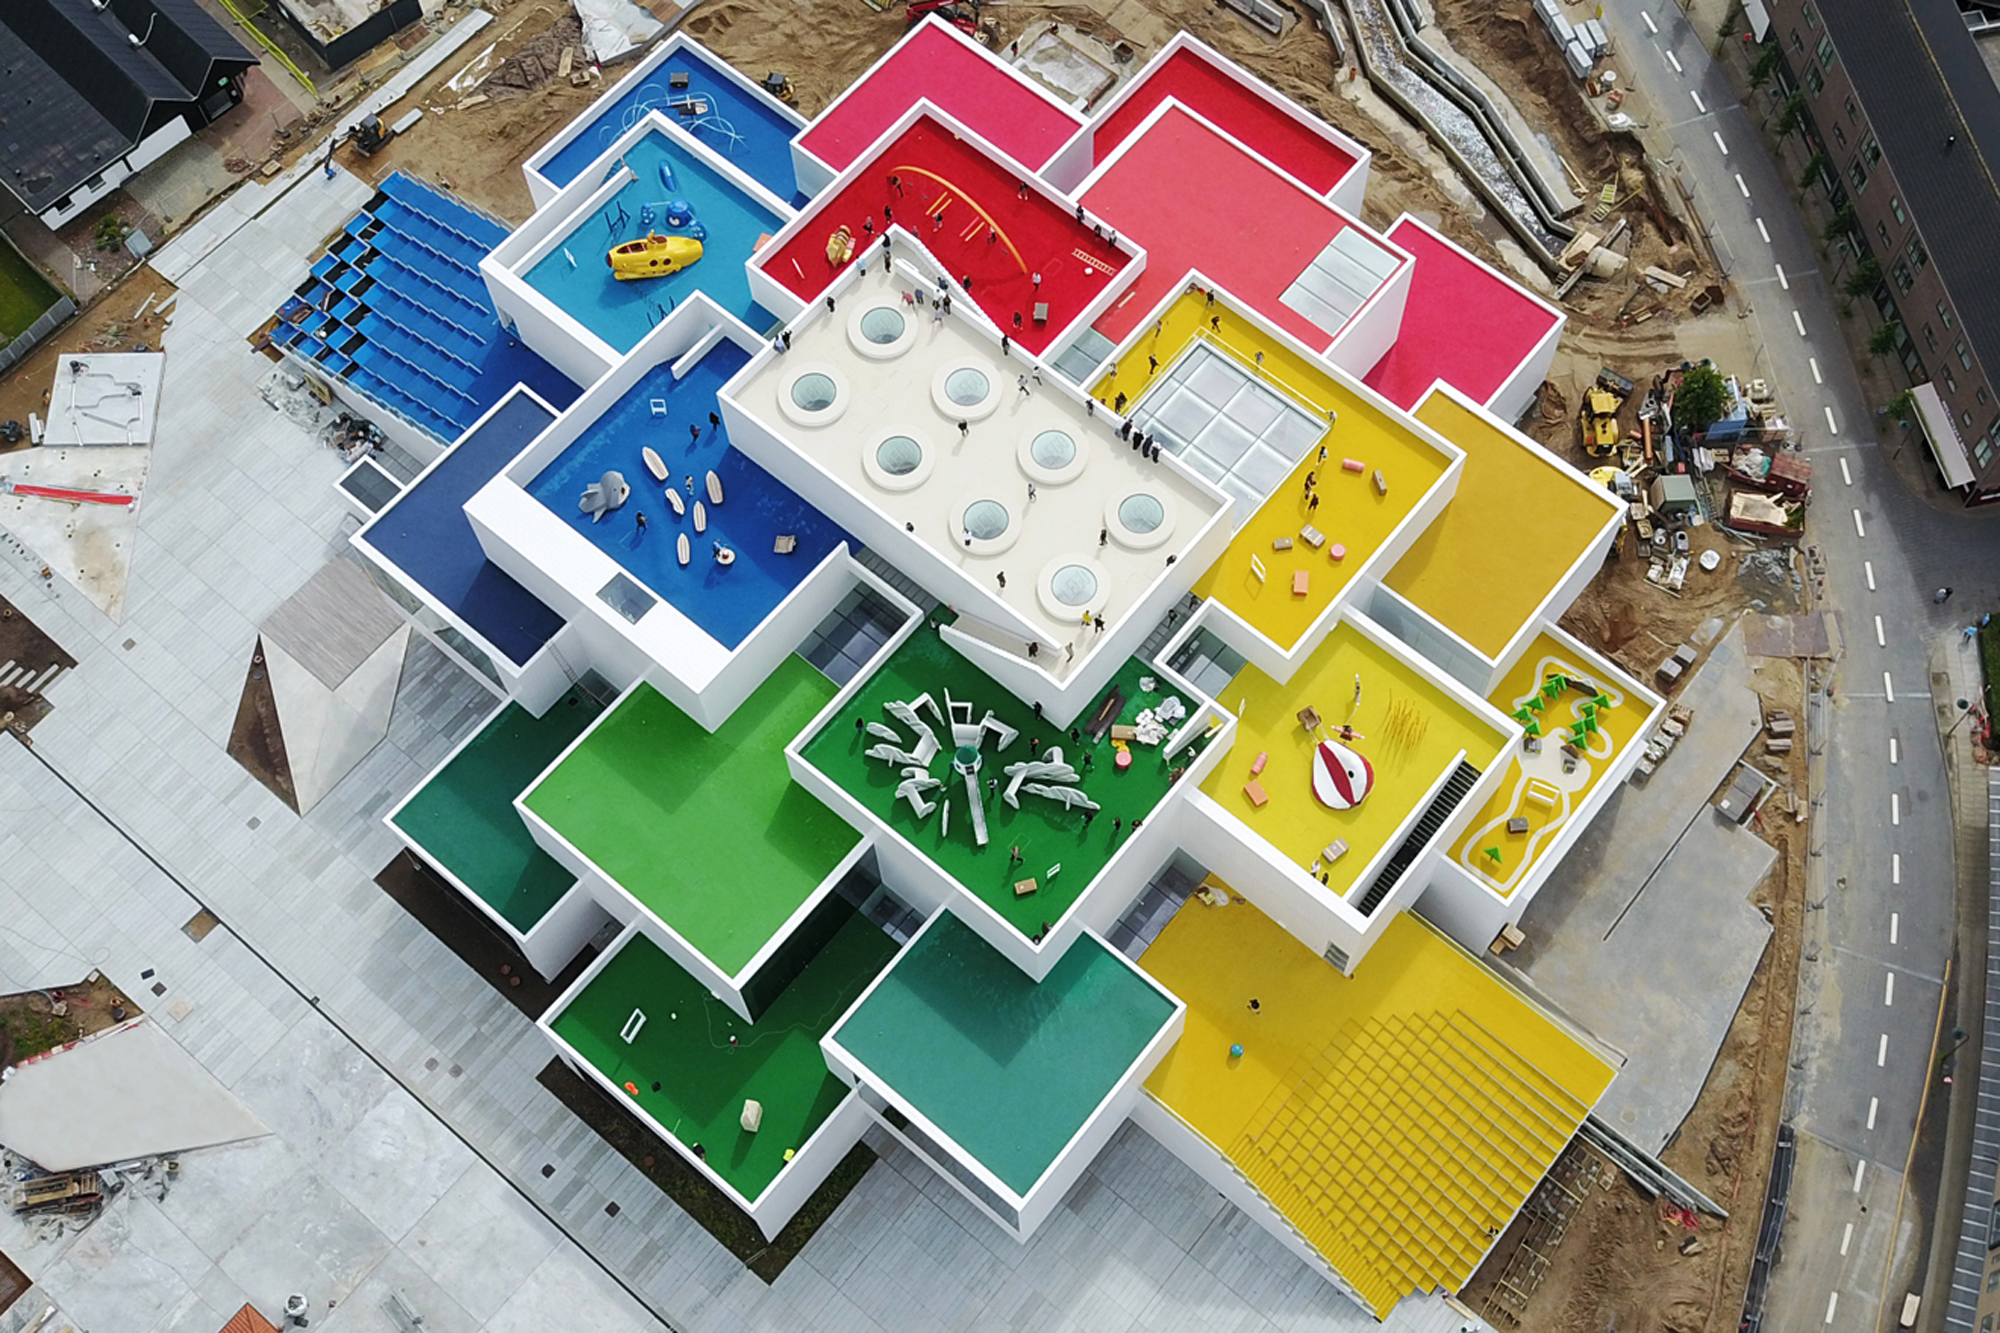 LEGO House by BIG- Bjarke Ingels Group | Archipreneur